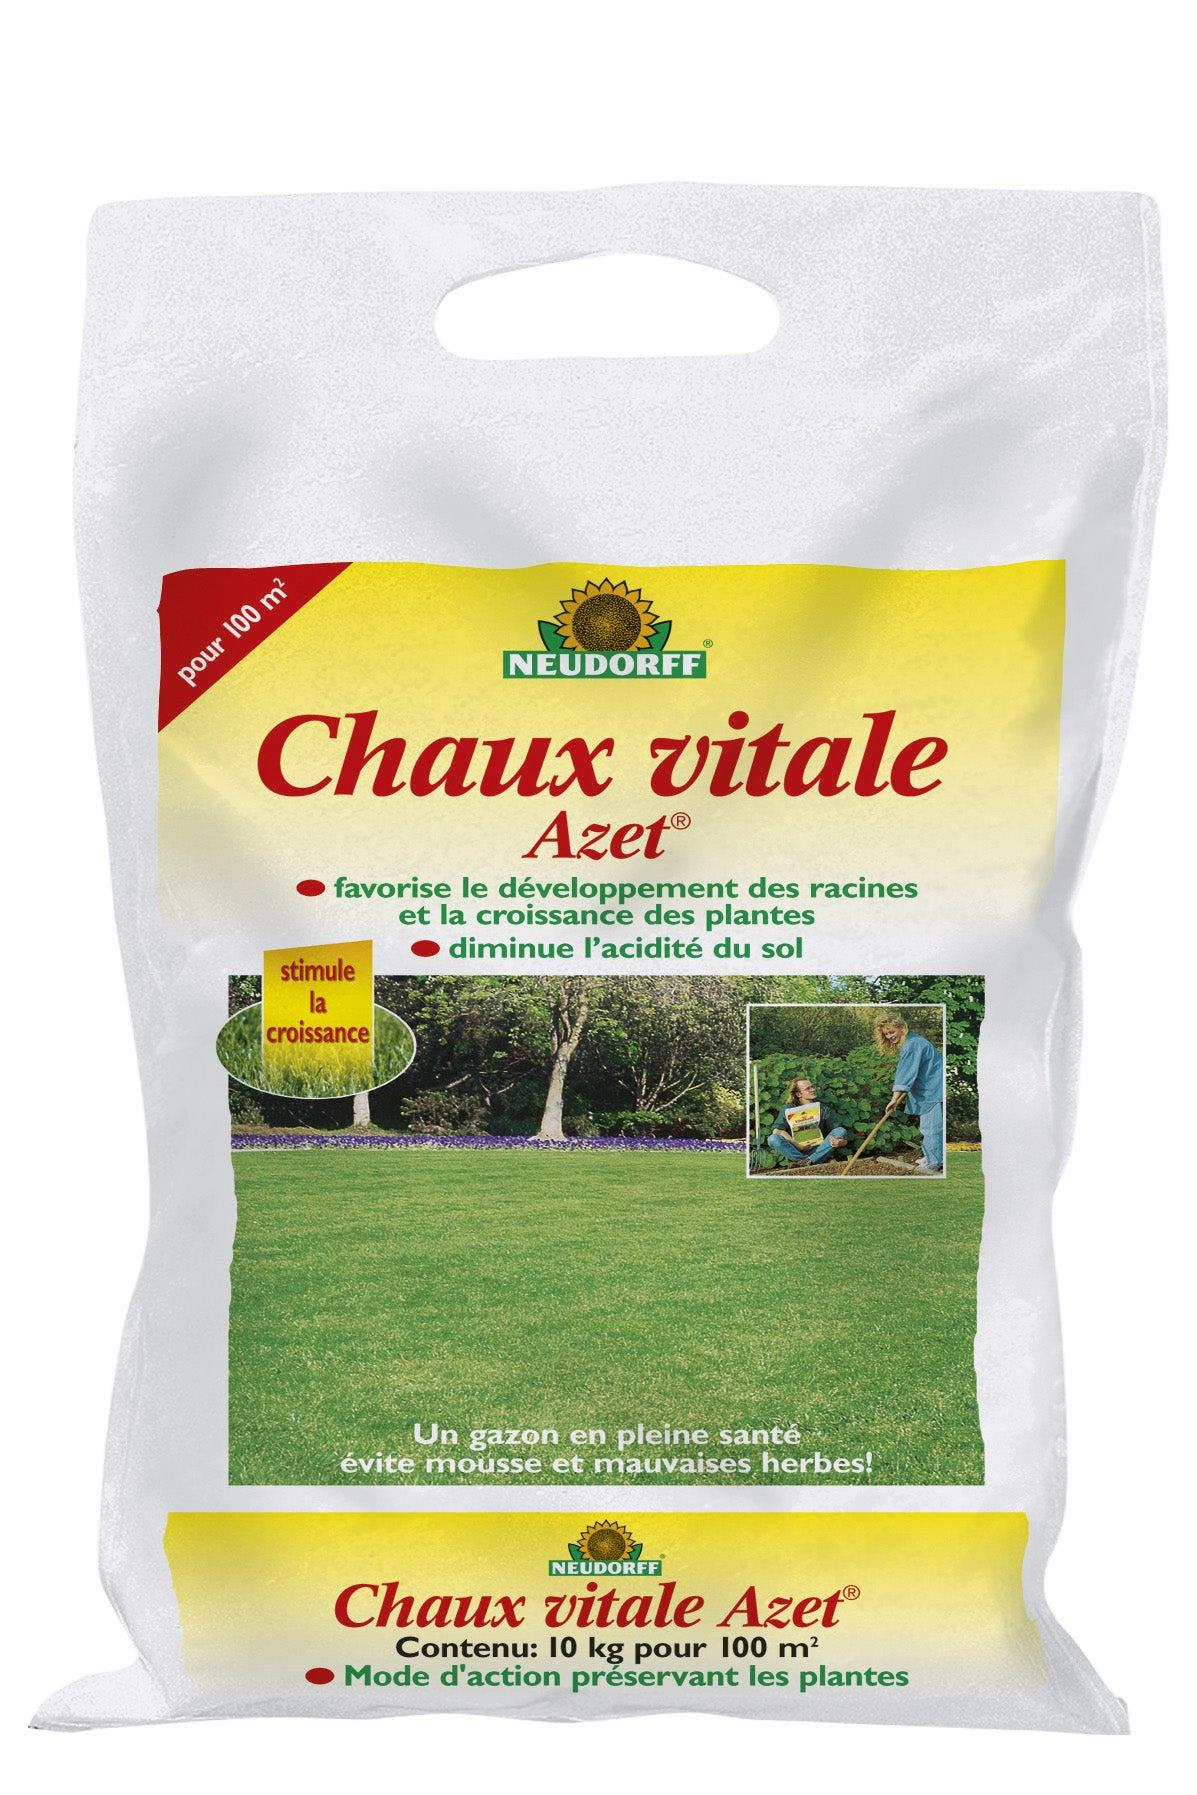 Chaux Azet Neudorff 10Kg, 100 M² intérieur Chaux Vive Au Jardin